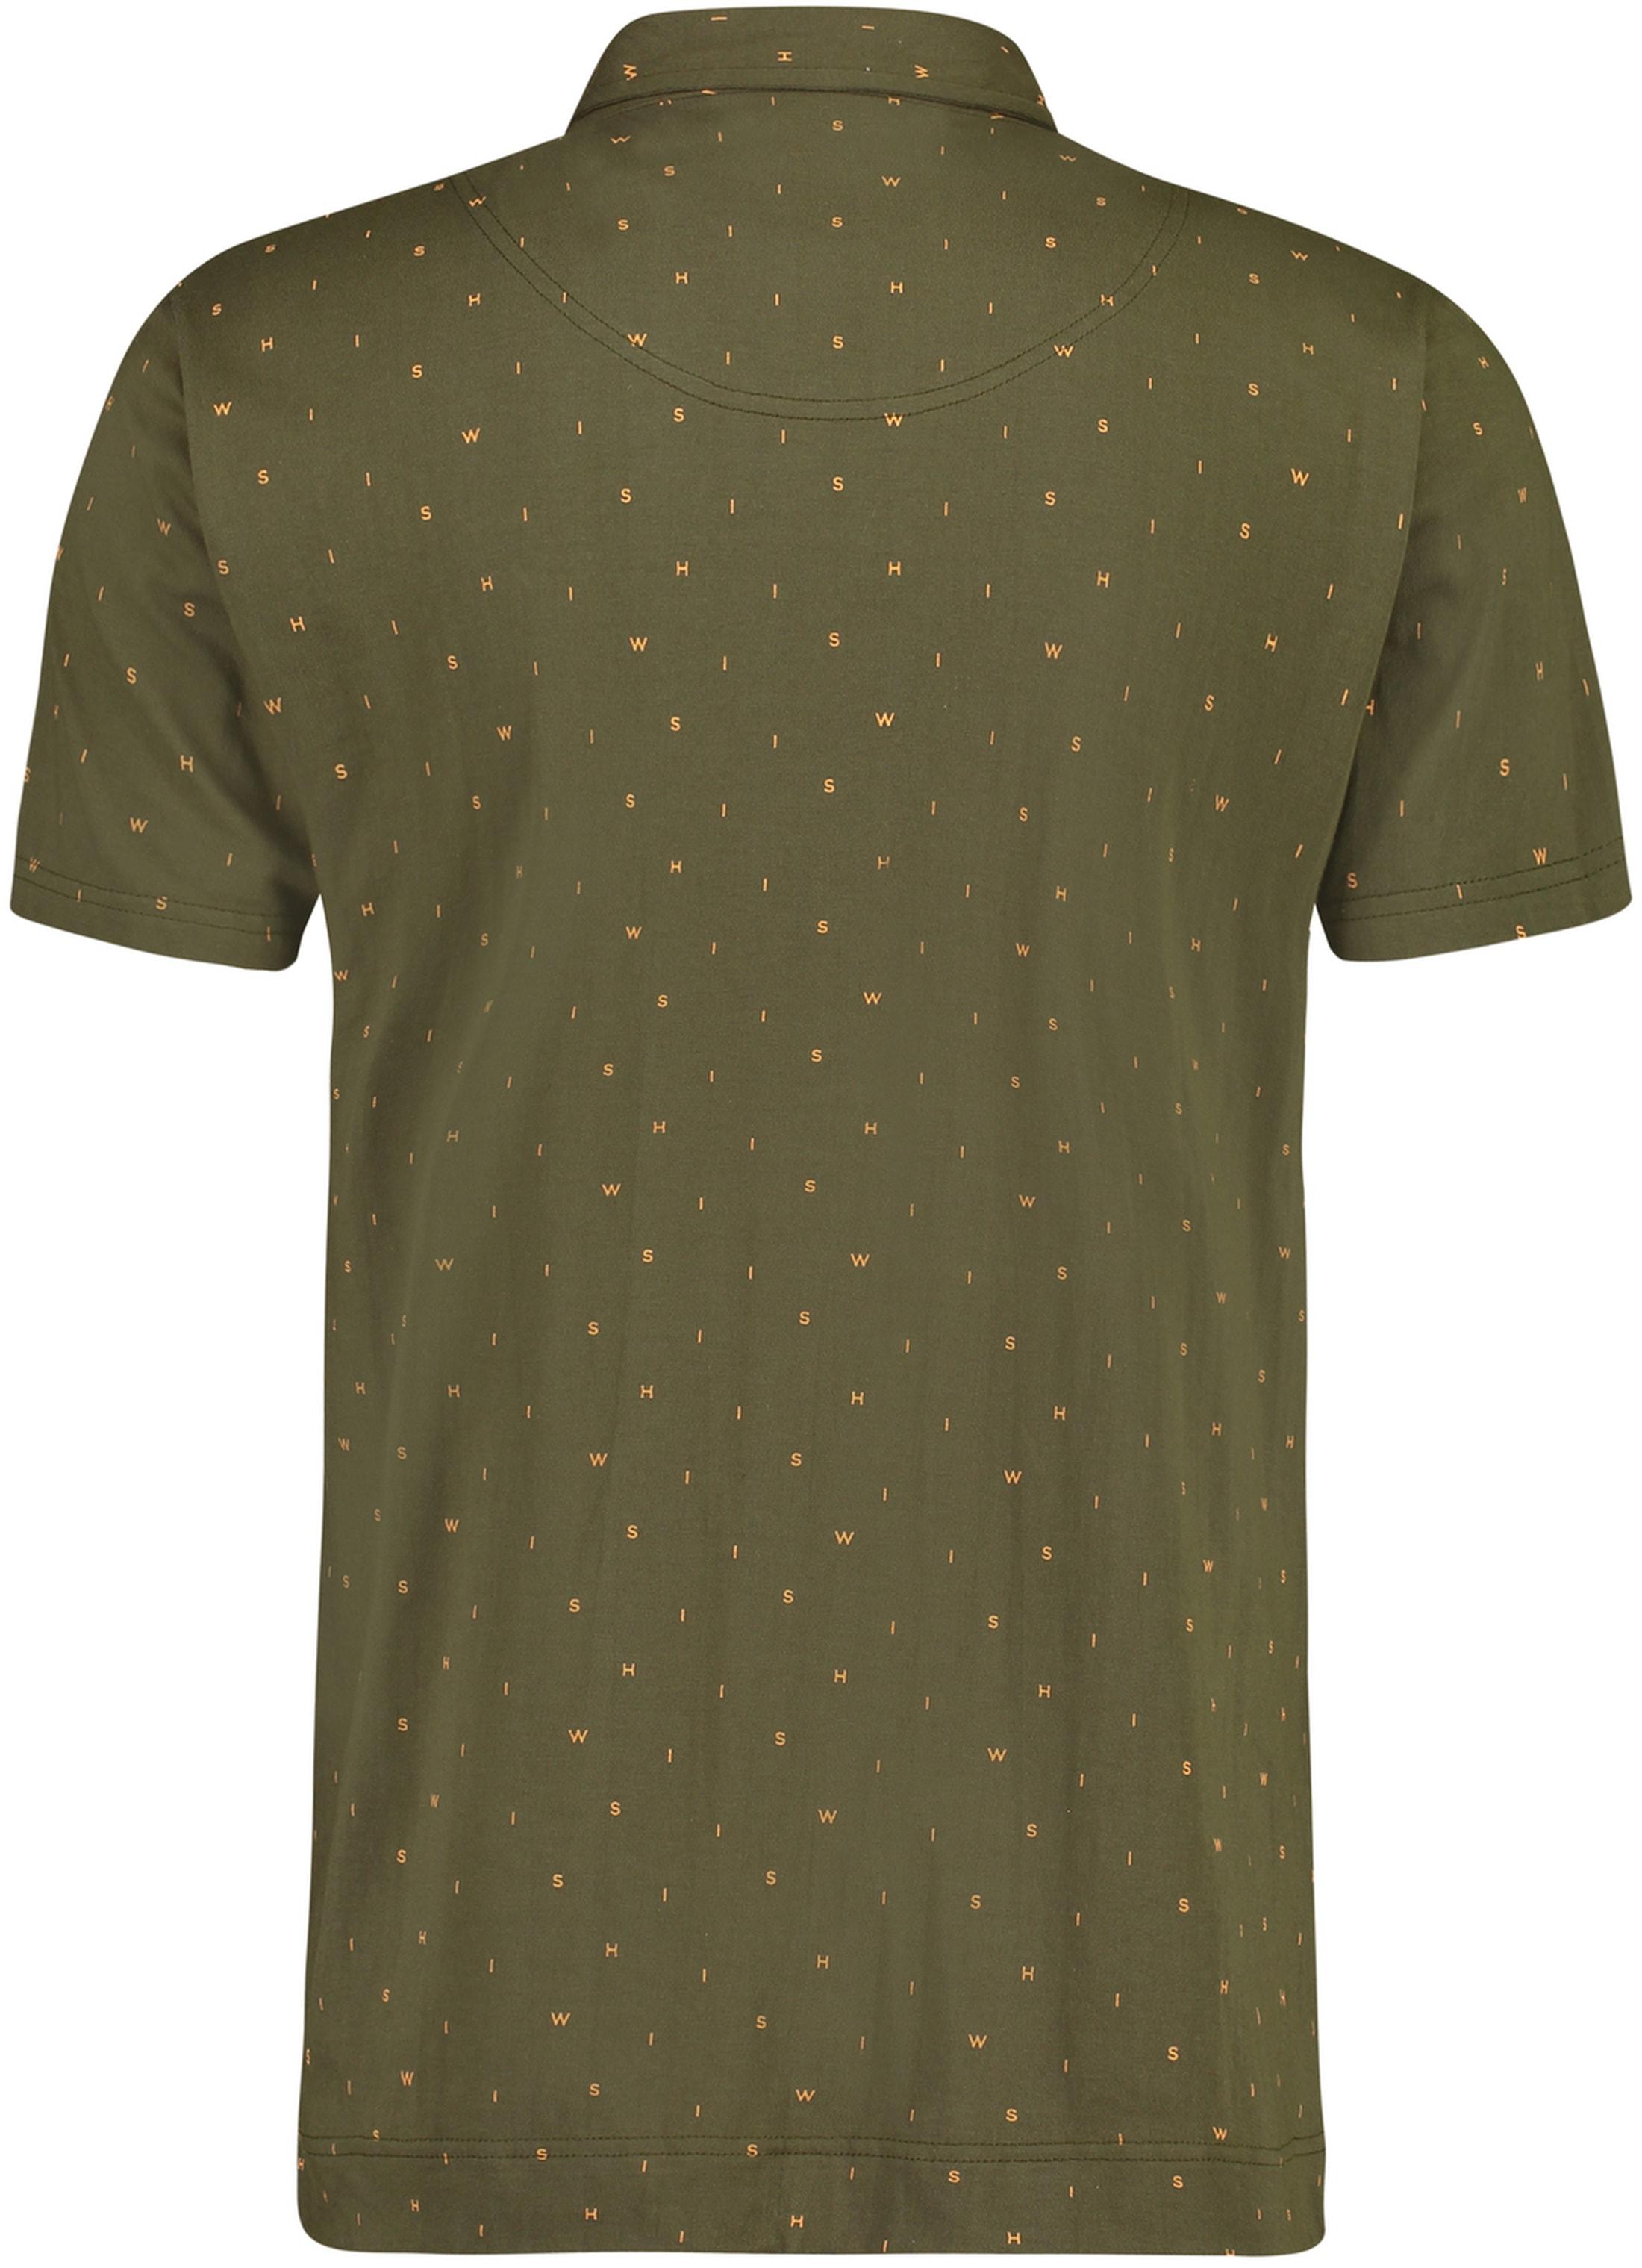 Shiwi Poloshirt Minishiwi Grün foto 1